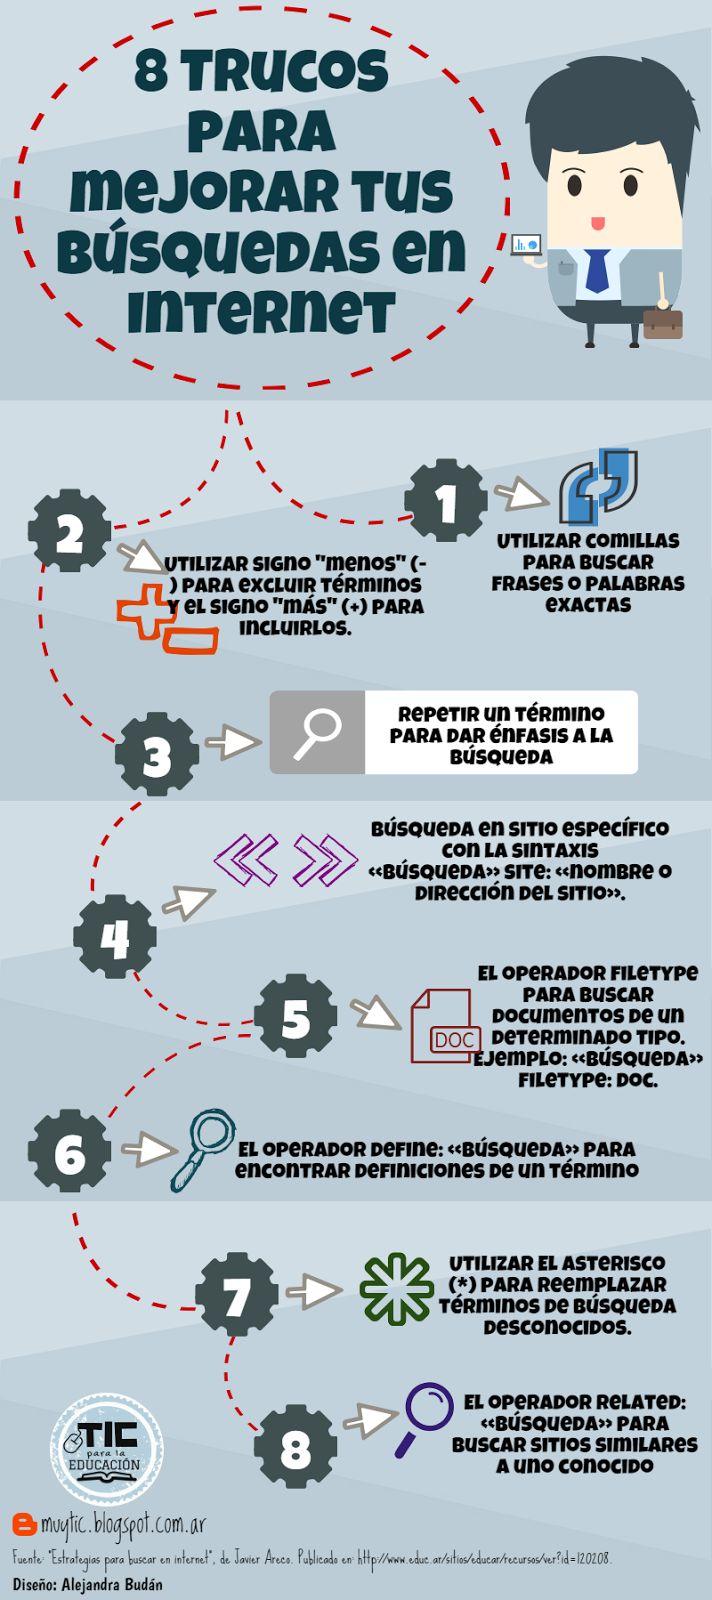 Infografía: mejora tus resultados de búsqueda en Internet con estos 8 consejos | TIC para la educación